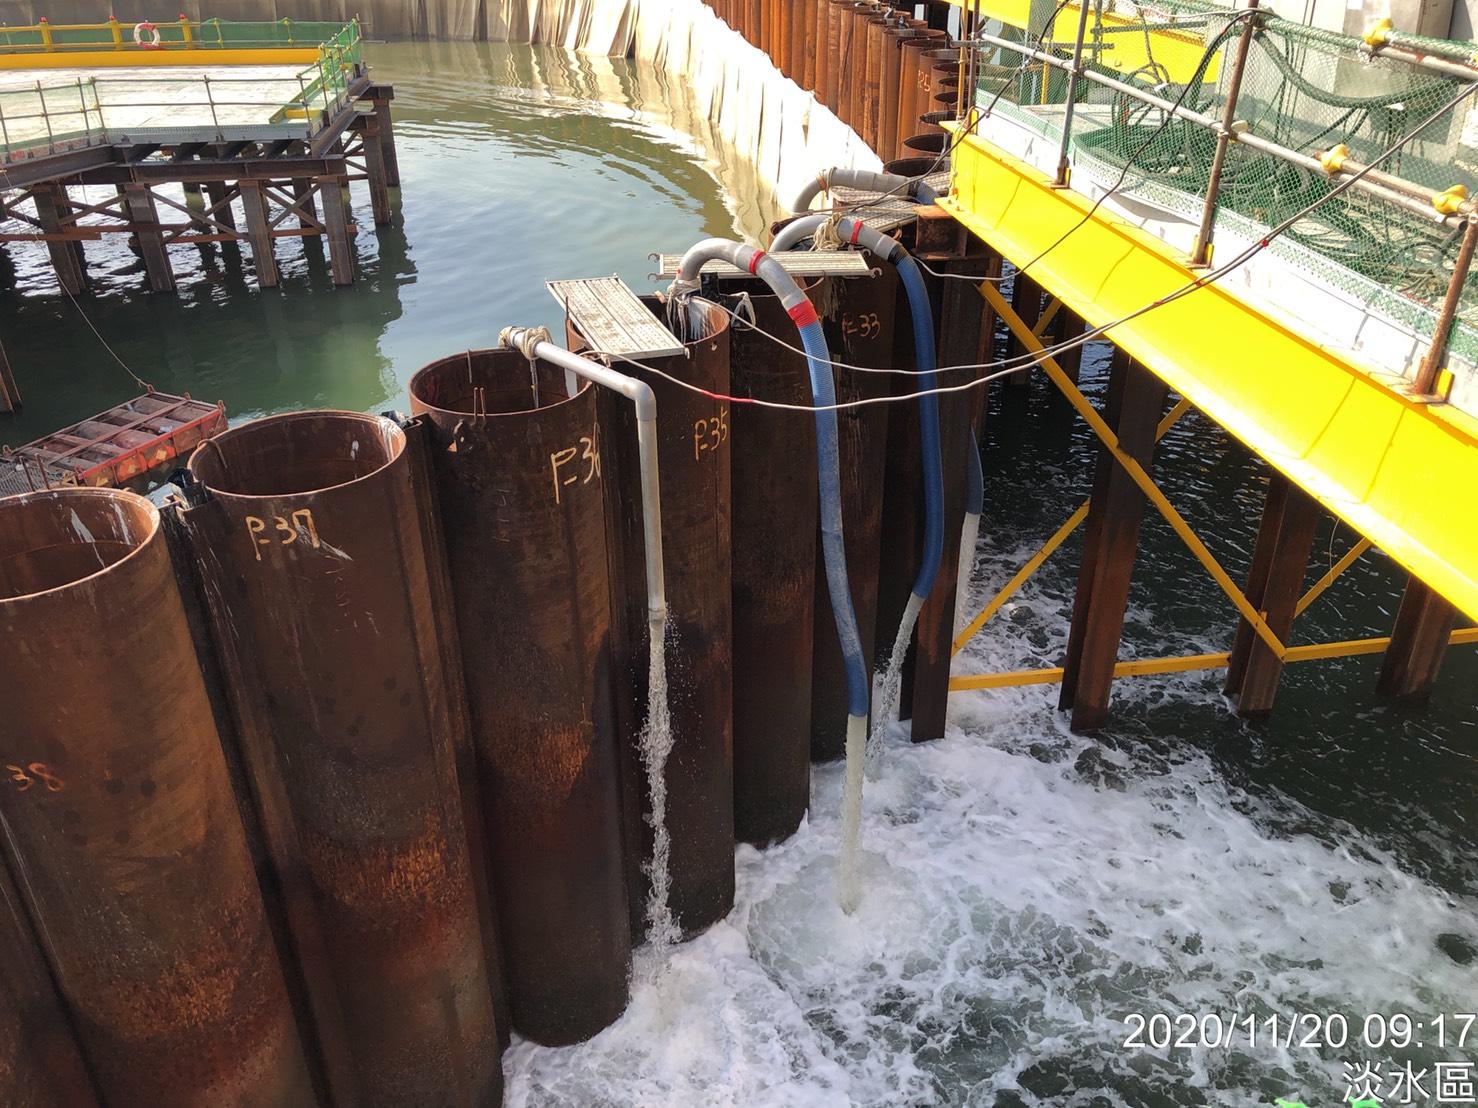 主橋塔鋼管鈑樁圍堰內抽水作業.